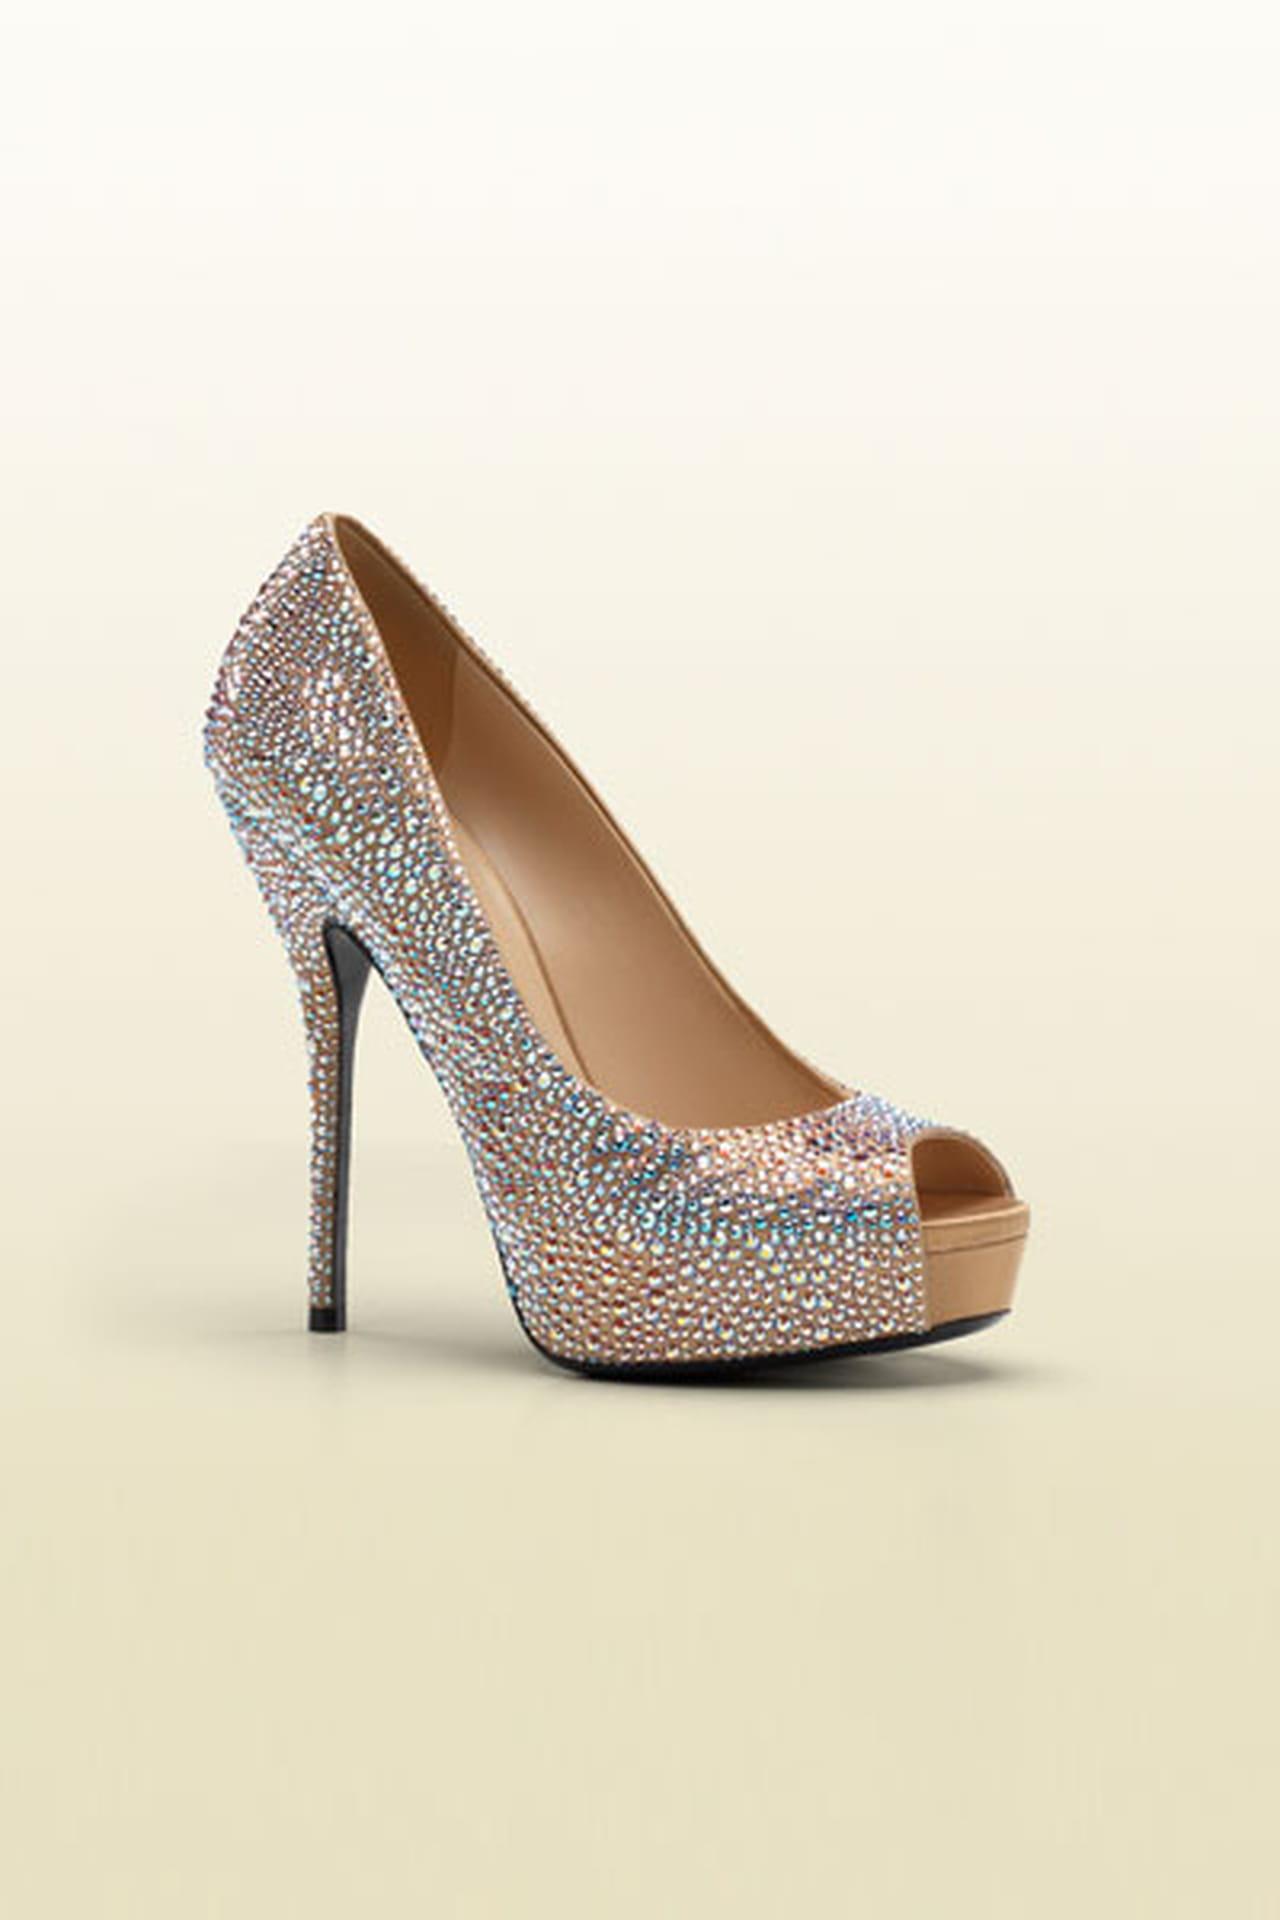 420f5560b أحذية السهرات من Gucci لعام 2013